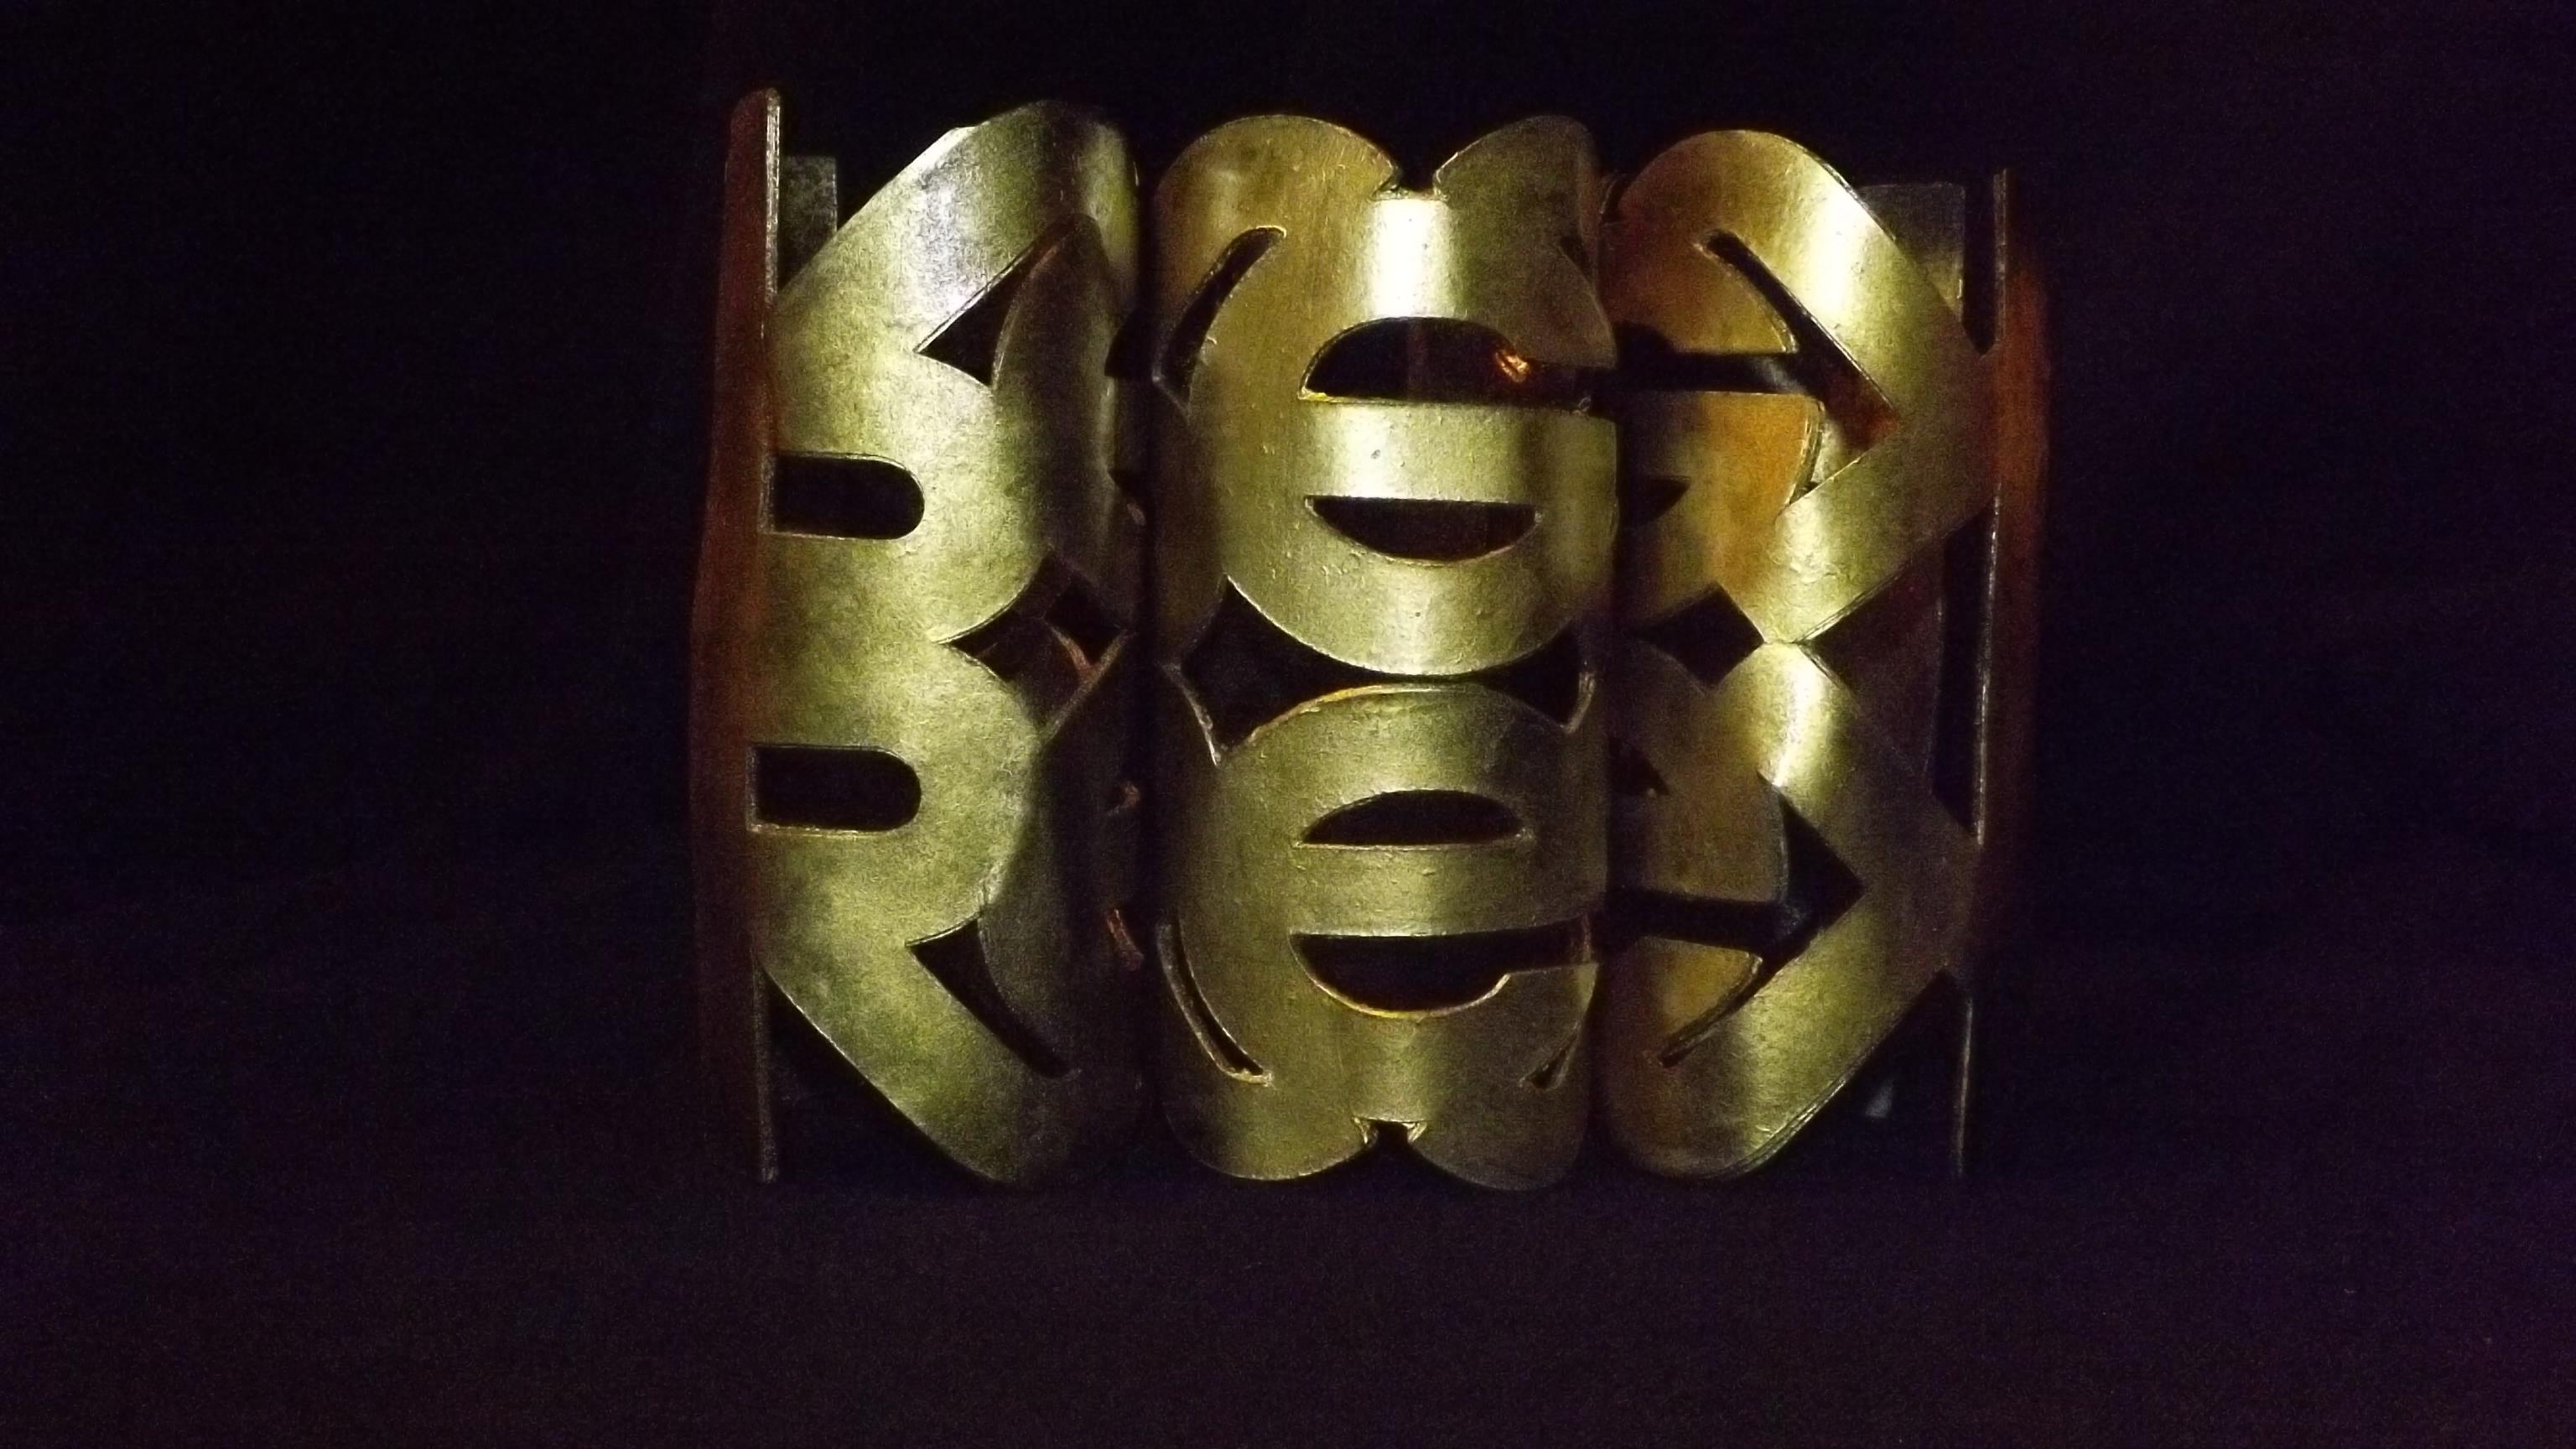 rek mirror gladiator cuff